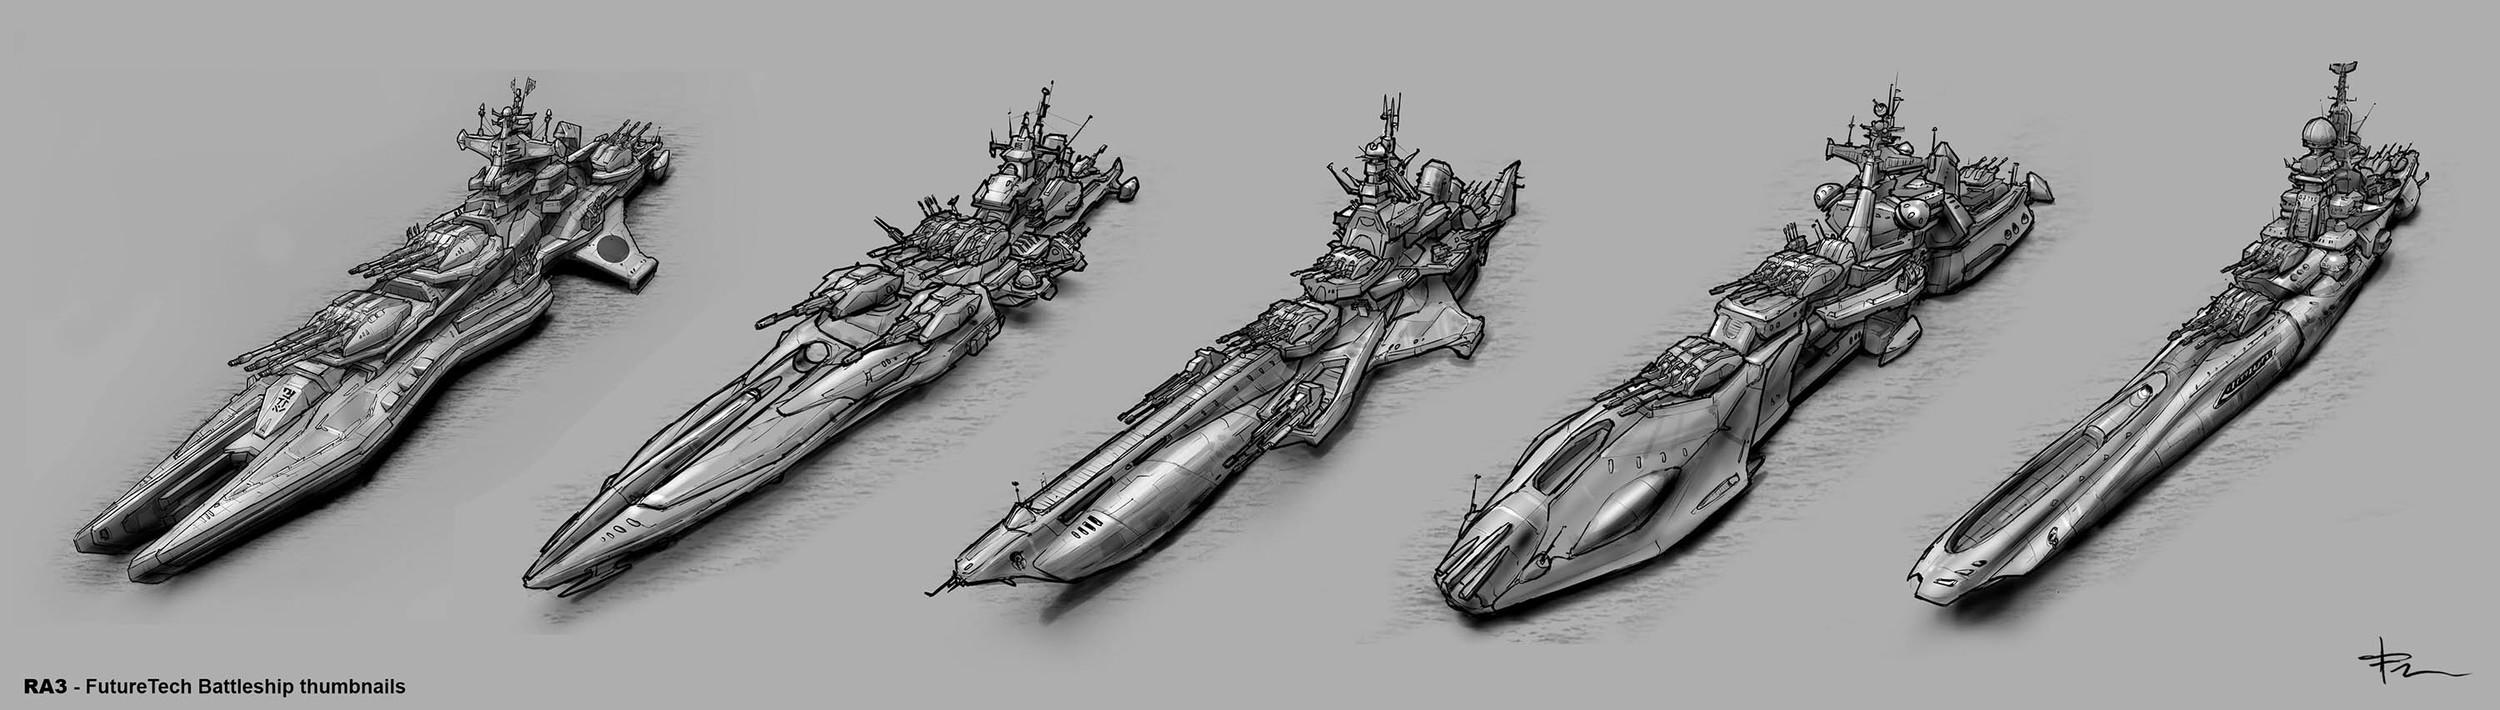 TJFrame-Art_RA3_futureTechBattleships.jpg